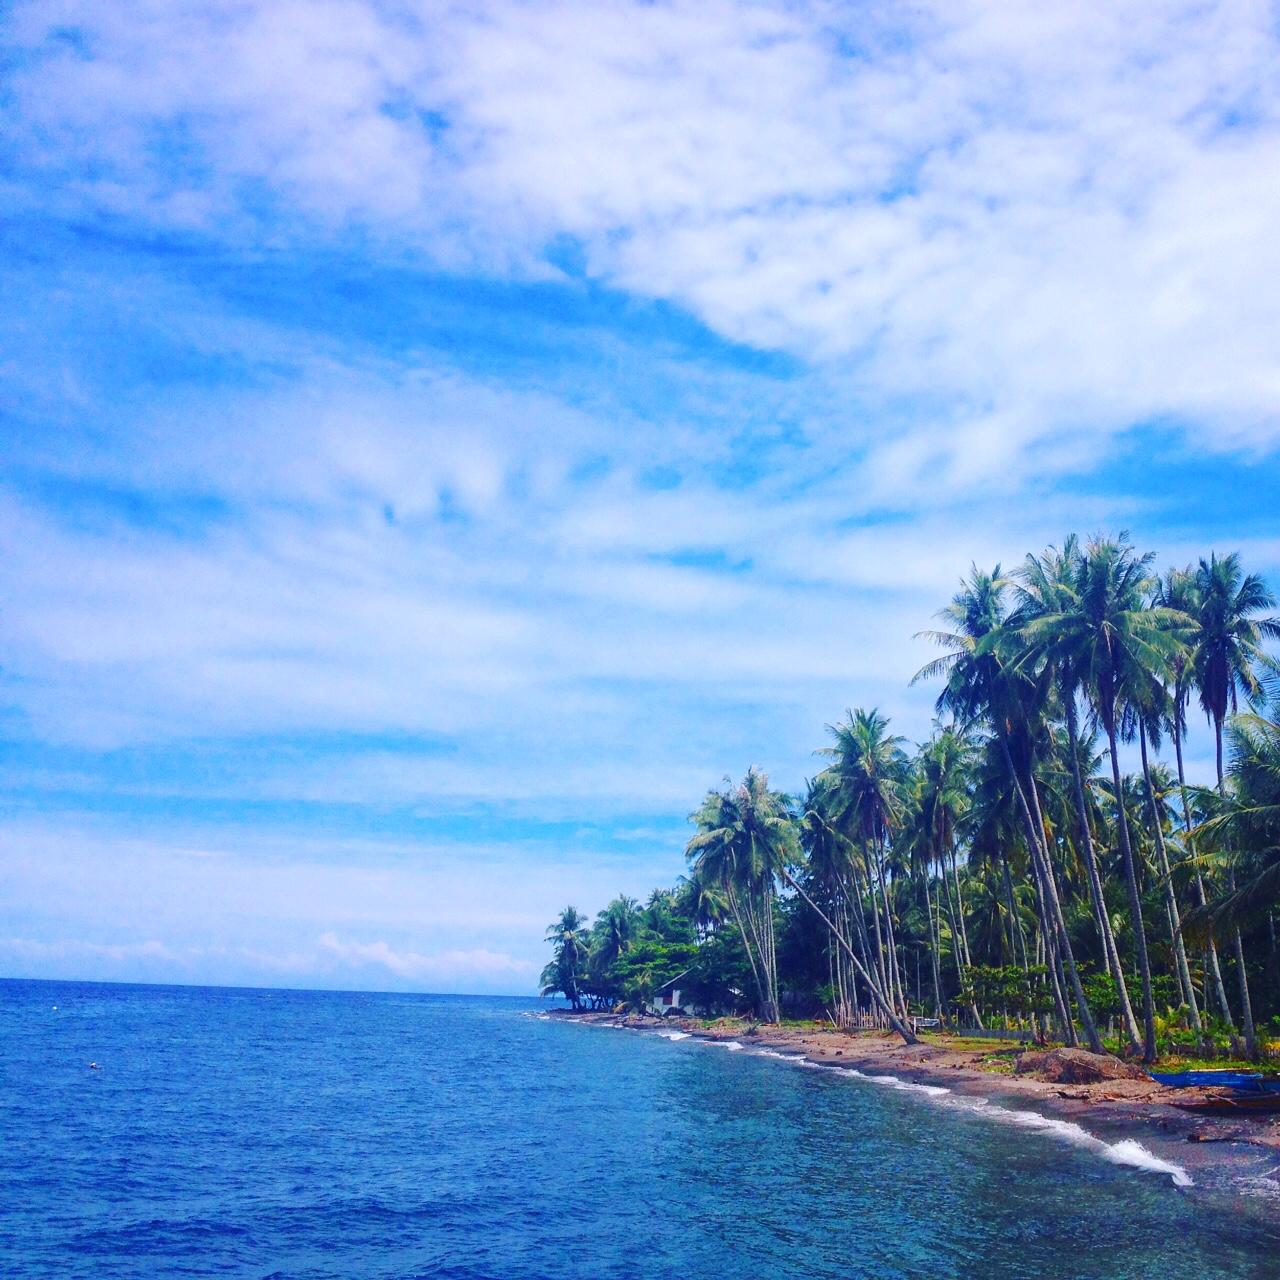 La spiaggia dell'Atmosphere Resort